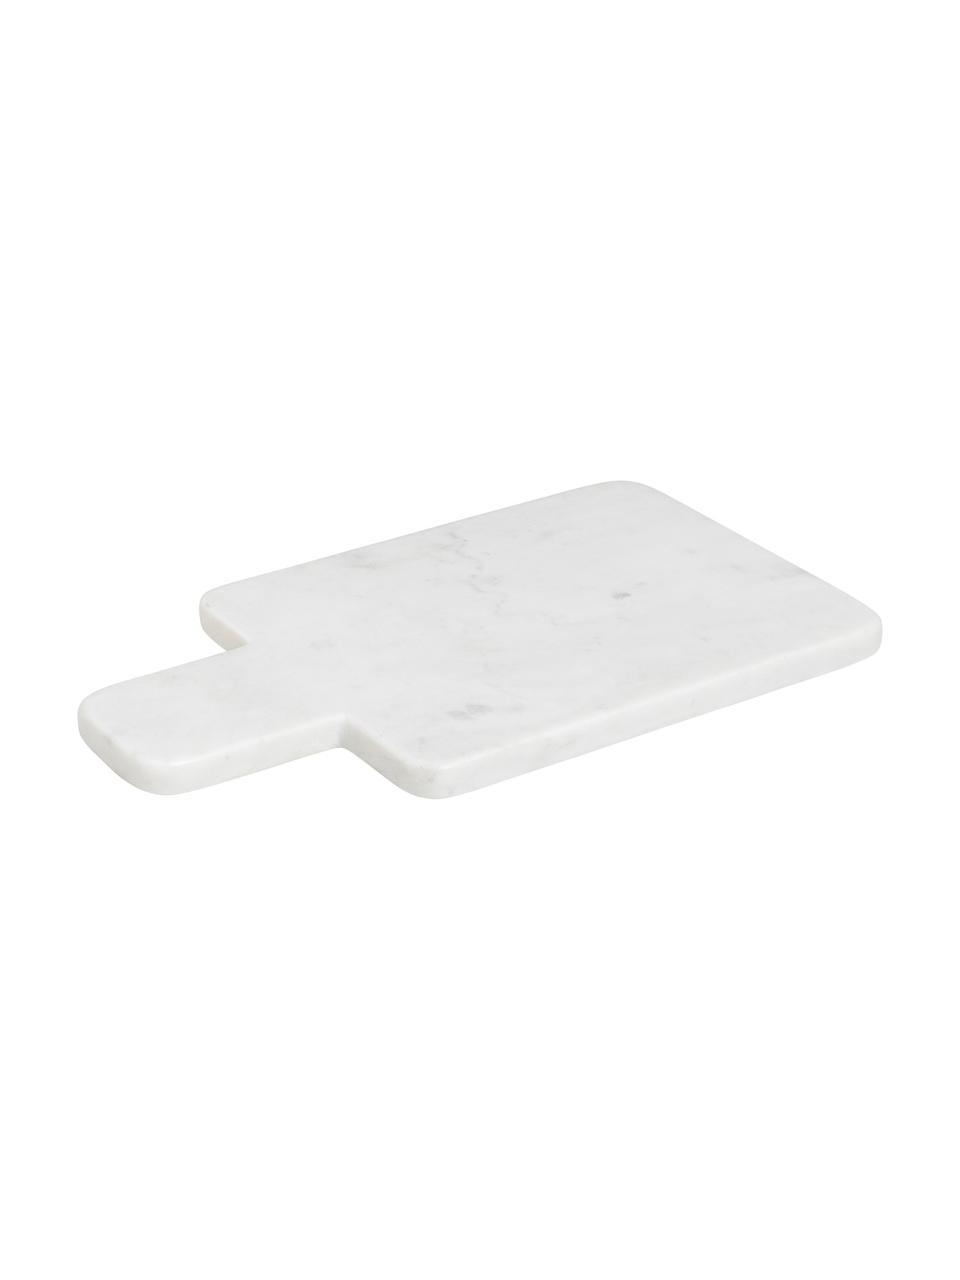 Deska do krojenia z marmuru Adam, Marmur, Biały, D 30 x S 17 cm